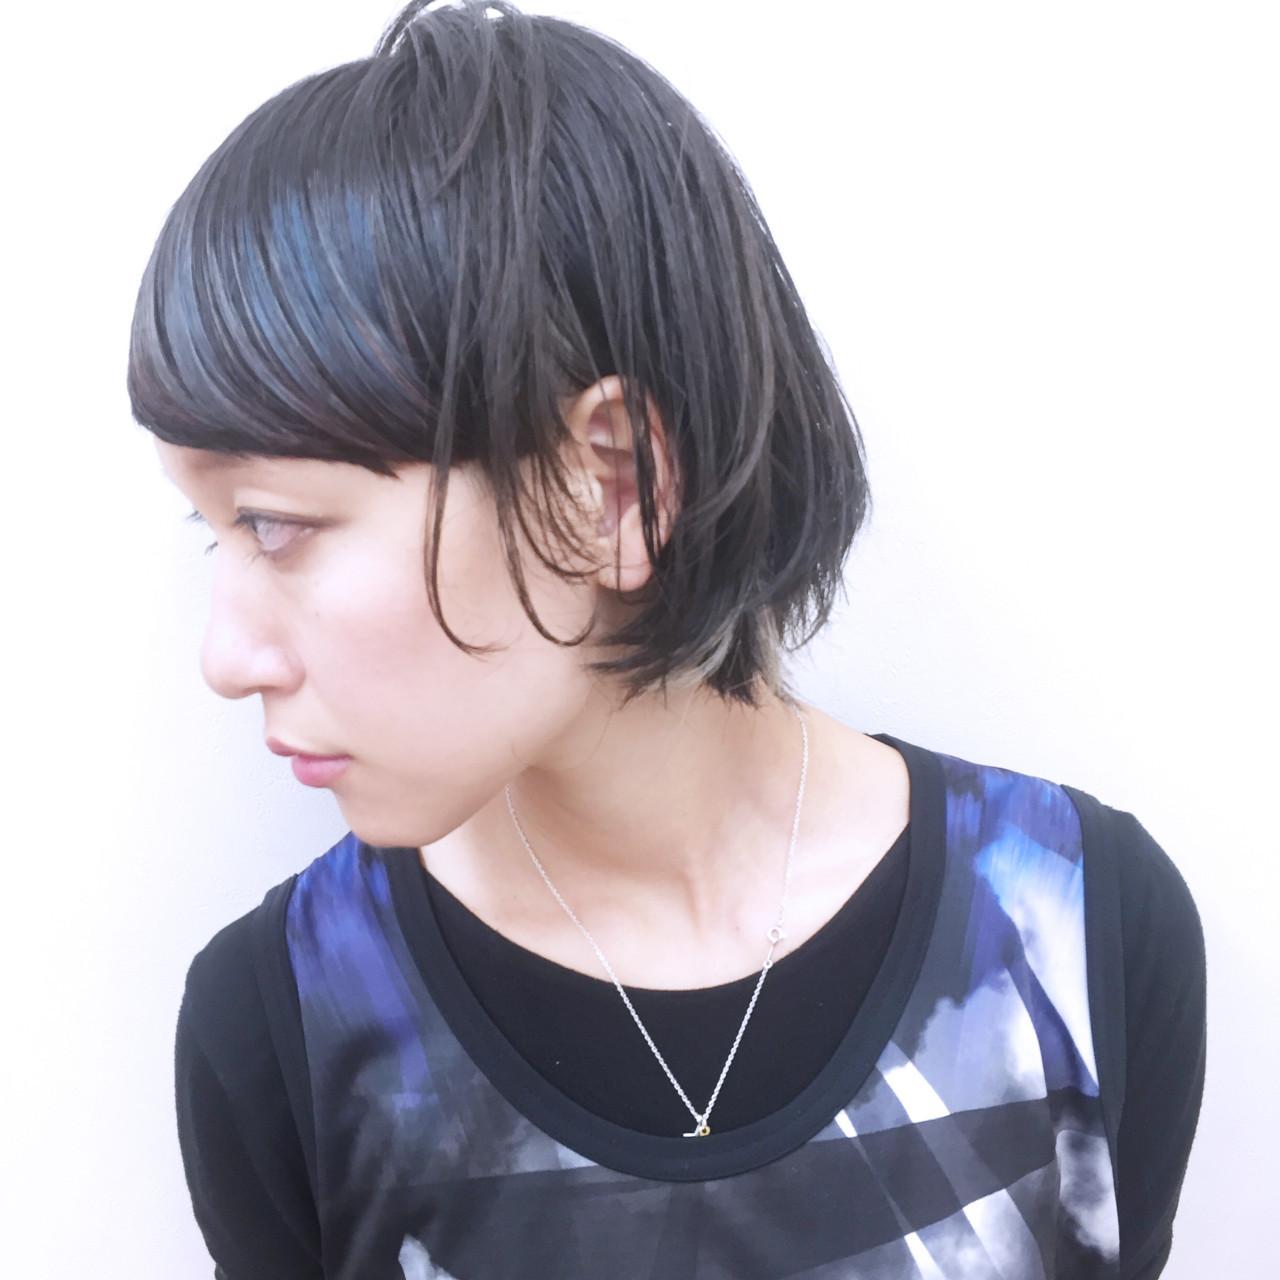 モード ショート 個性的 暗髪 ヘアスタイルや髪型の写真・画像